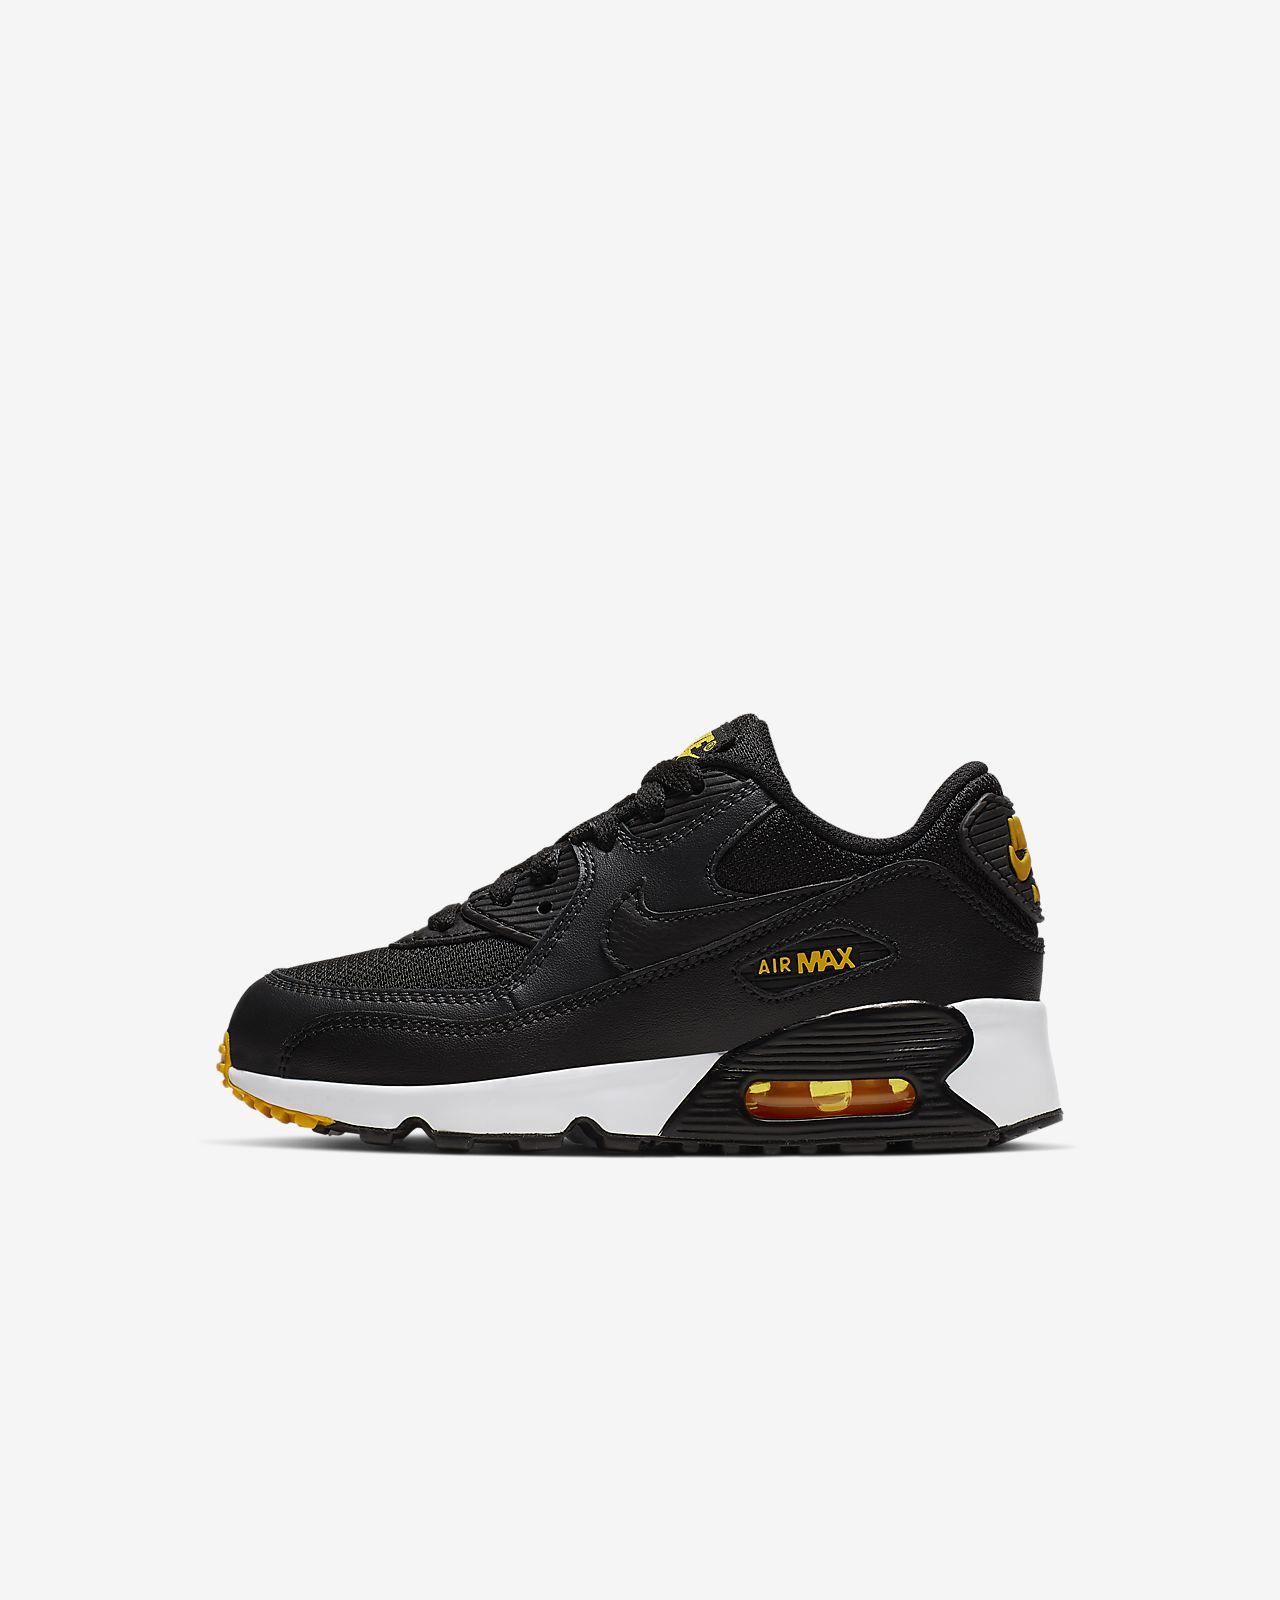 Nike Air Max 90 Küçük Çocuk Ayakkabısı (27,5 35)